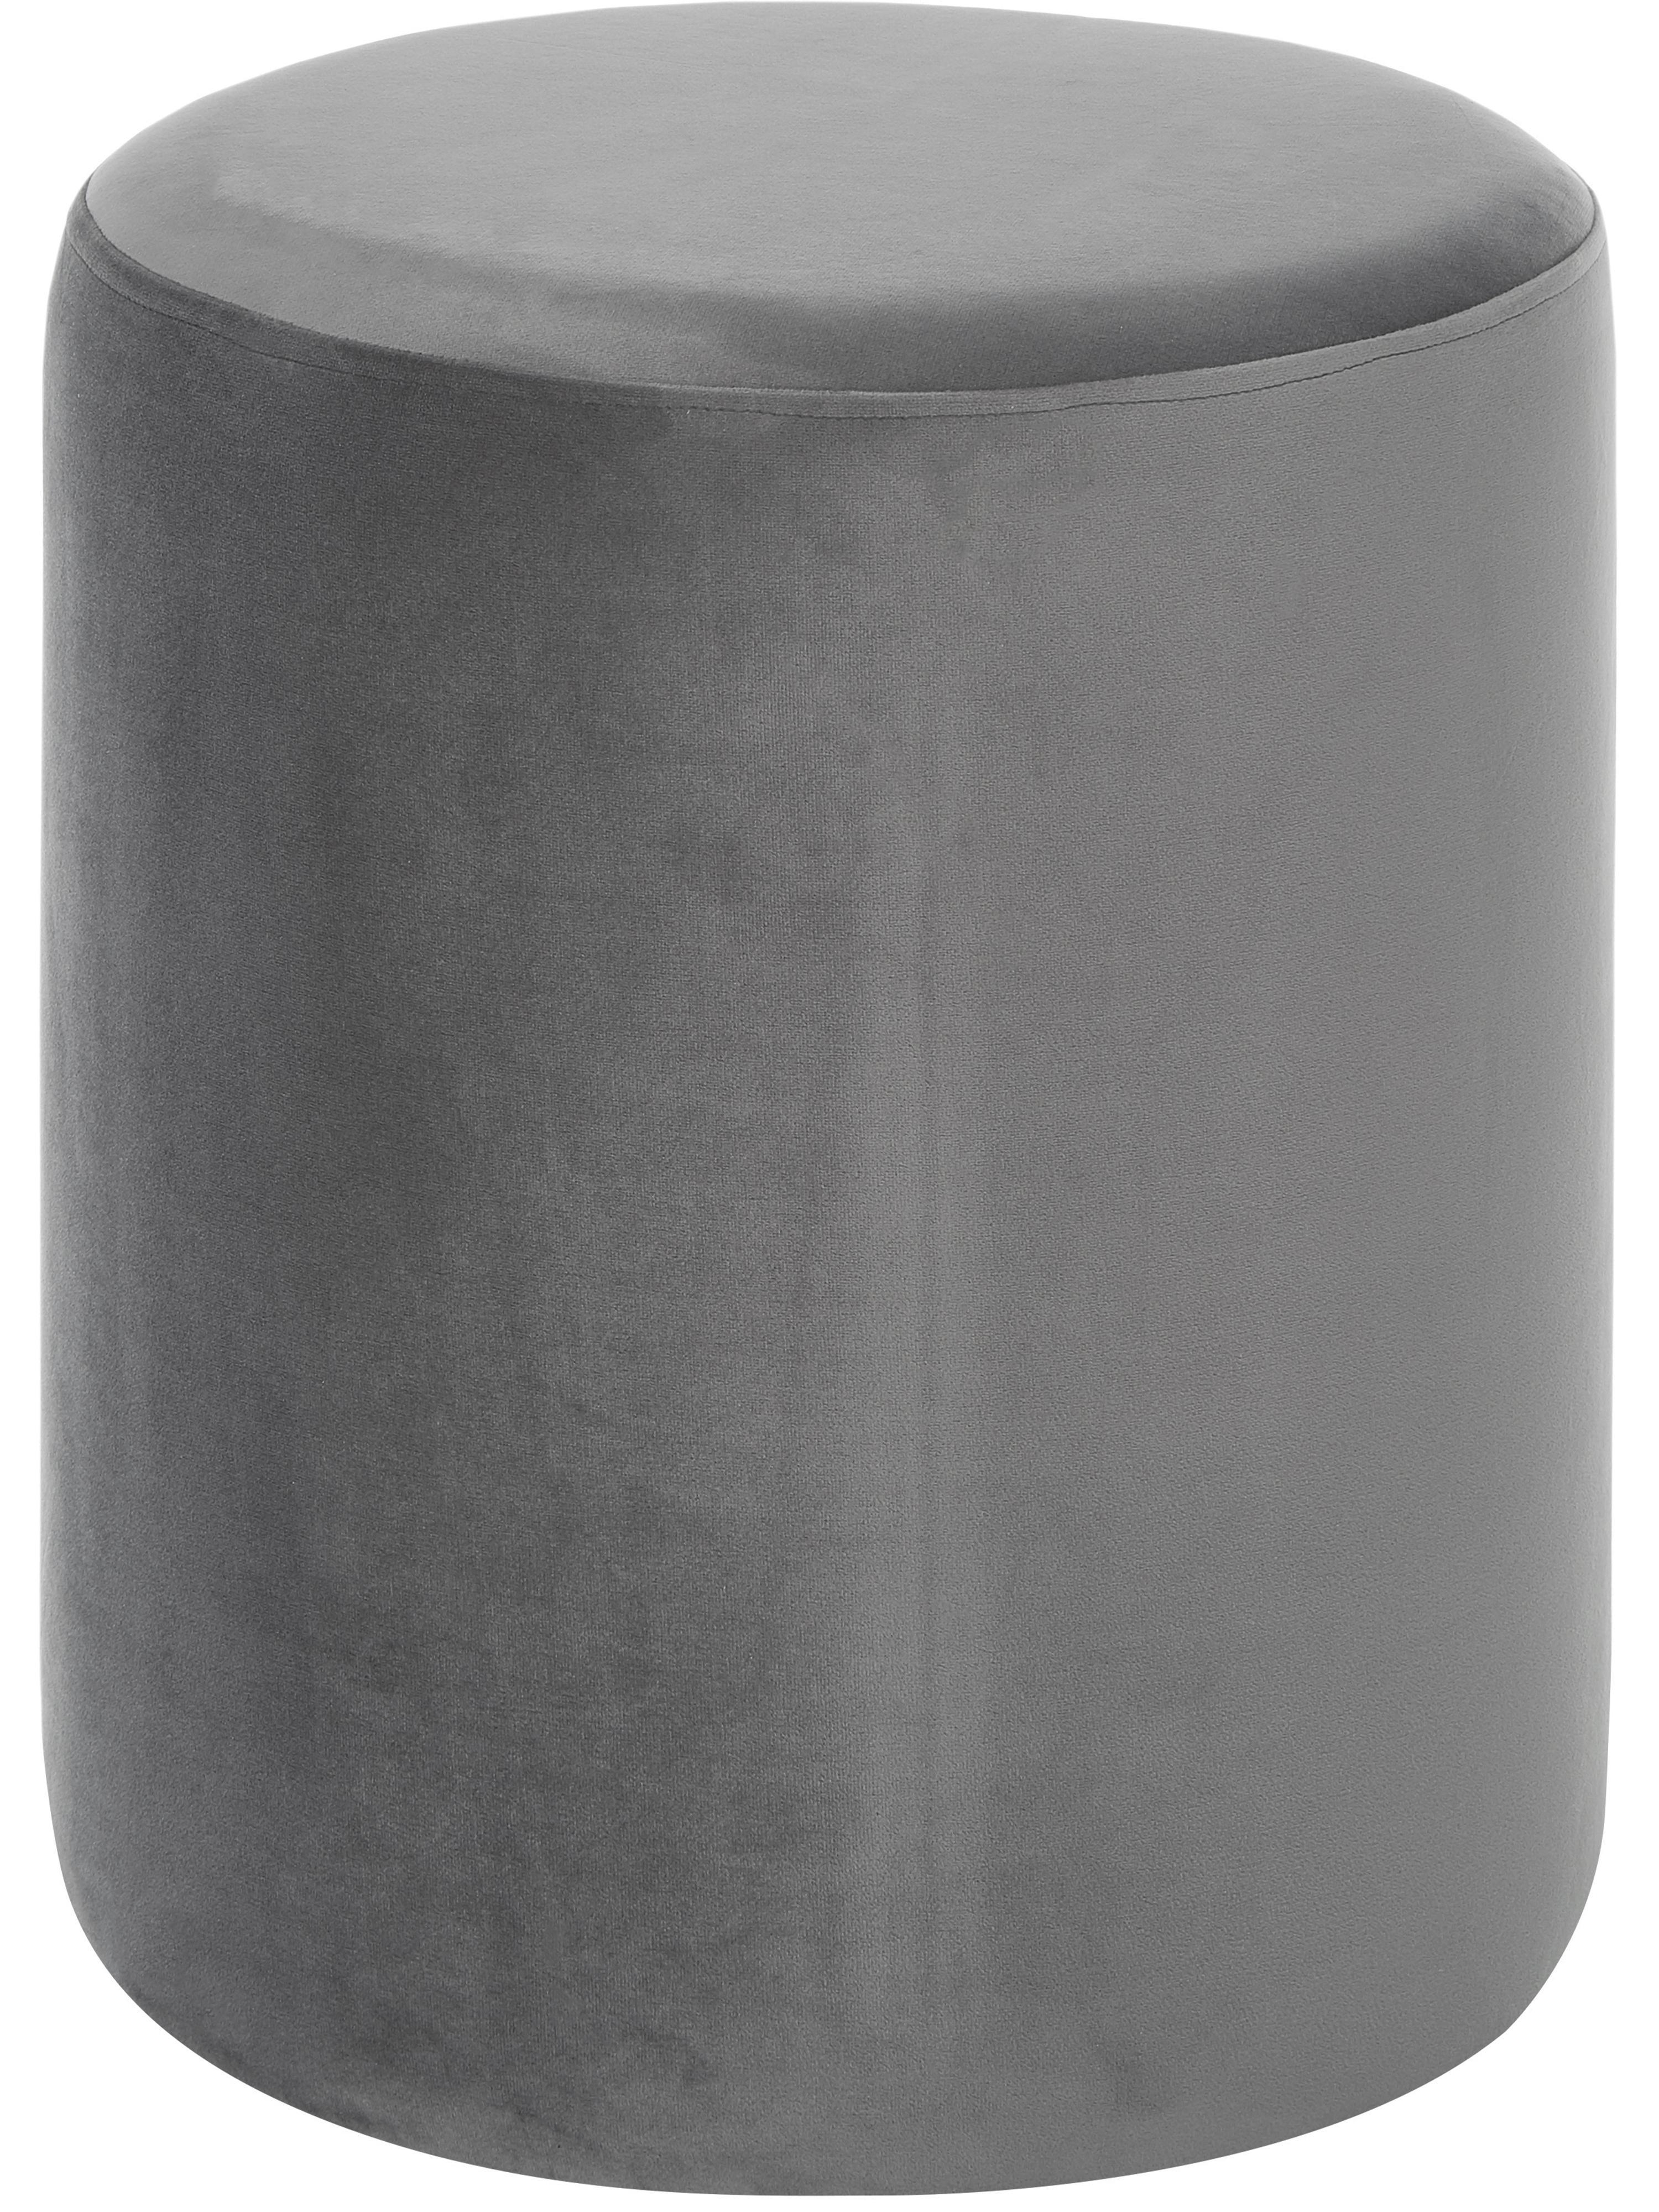 Puf z aksamitu Daisy, Tapicerka: aksamit (poliester), Tapicerka: pianka, 28 kg/m³, Aksamitny szary, Ø 38 x W 46 cm